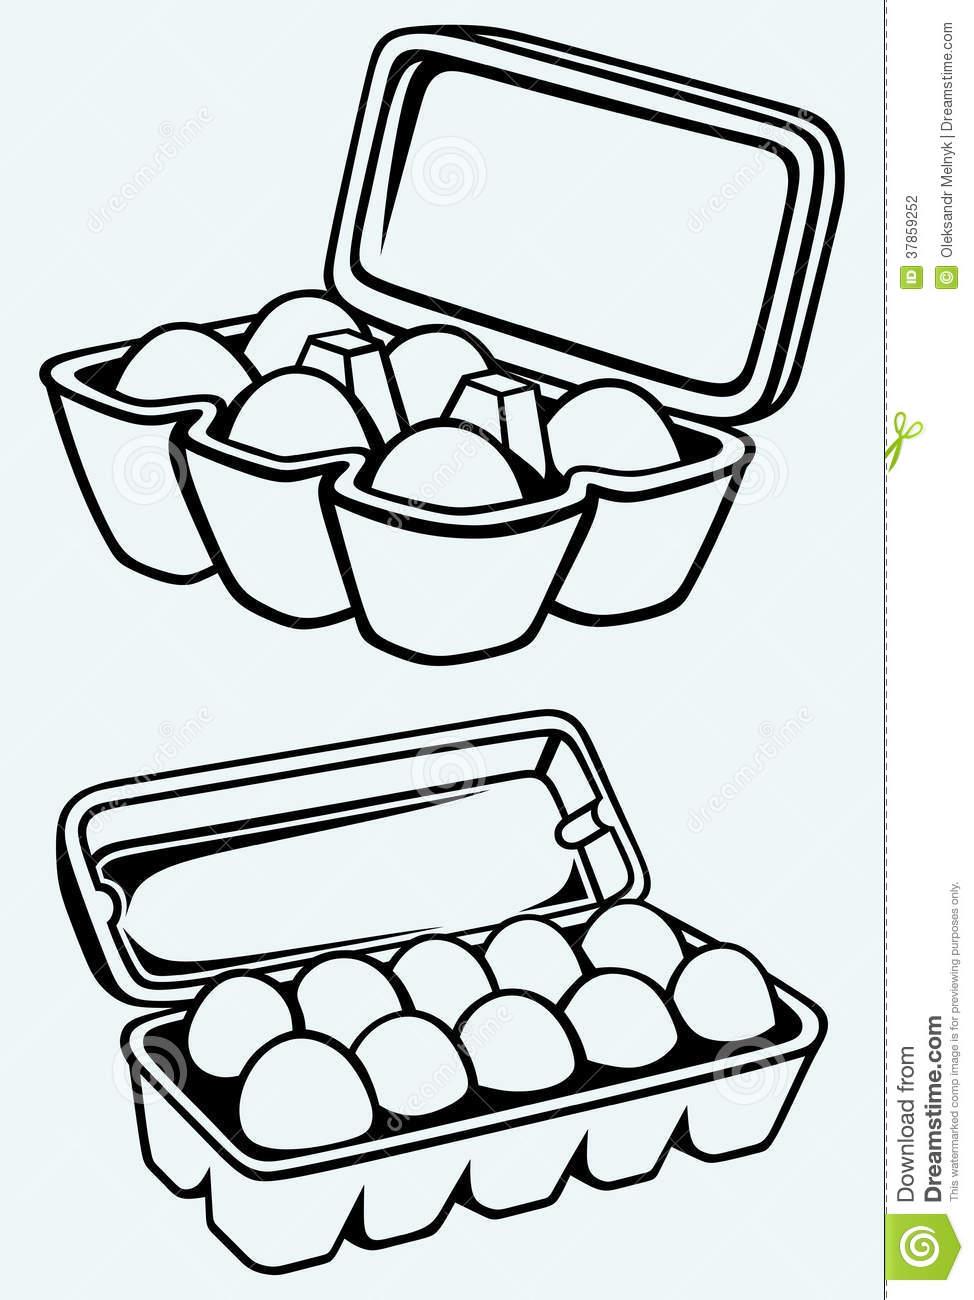 974x1300 Egg Carton Clipart